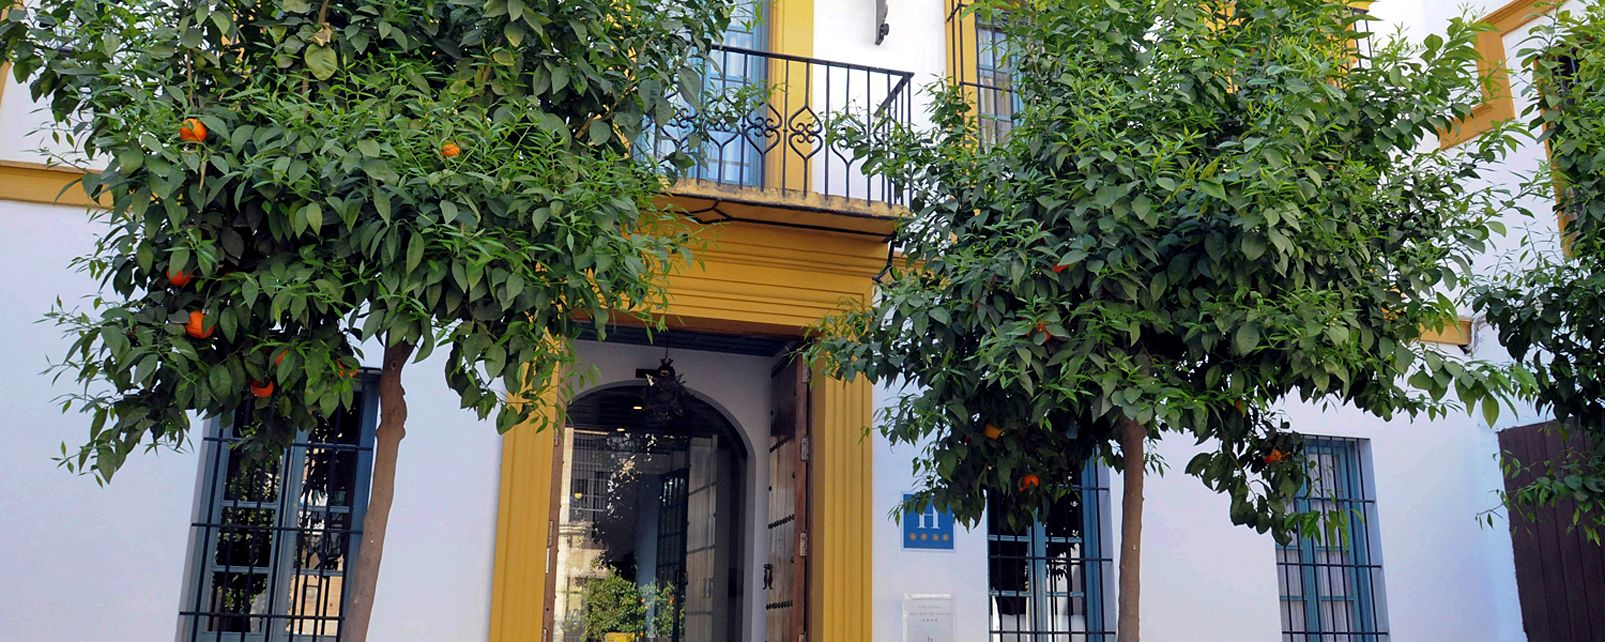 Hotel hospes las casas del rey de baeza in seville - Hospes las casas del rey de baeza ...